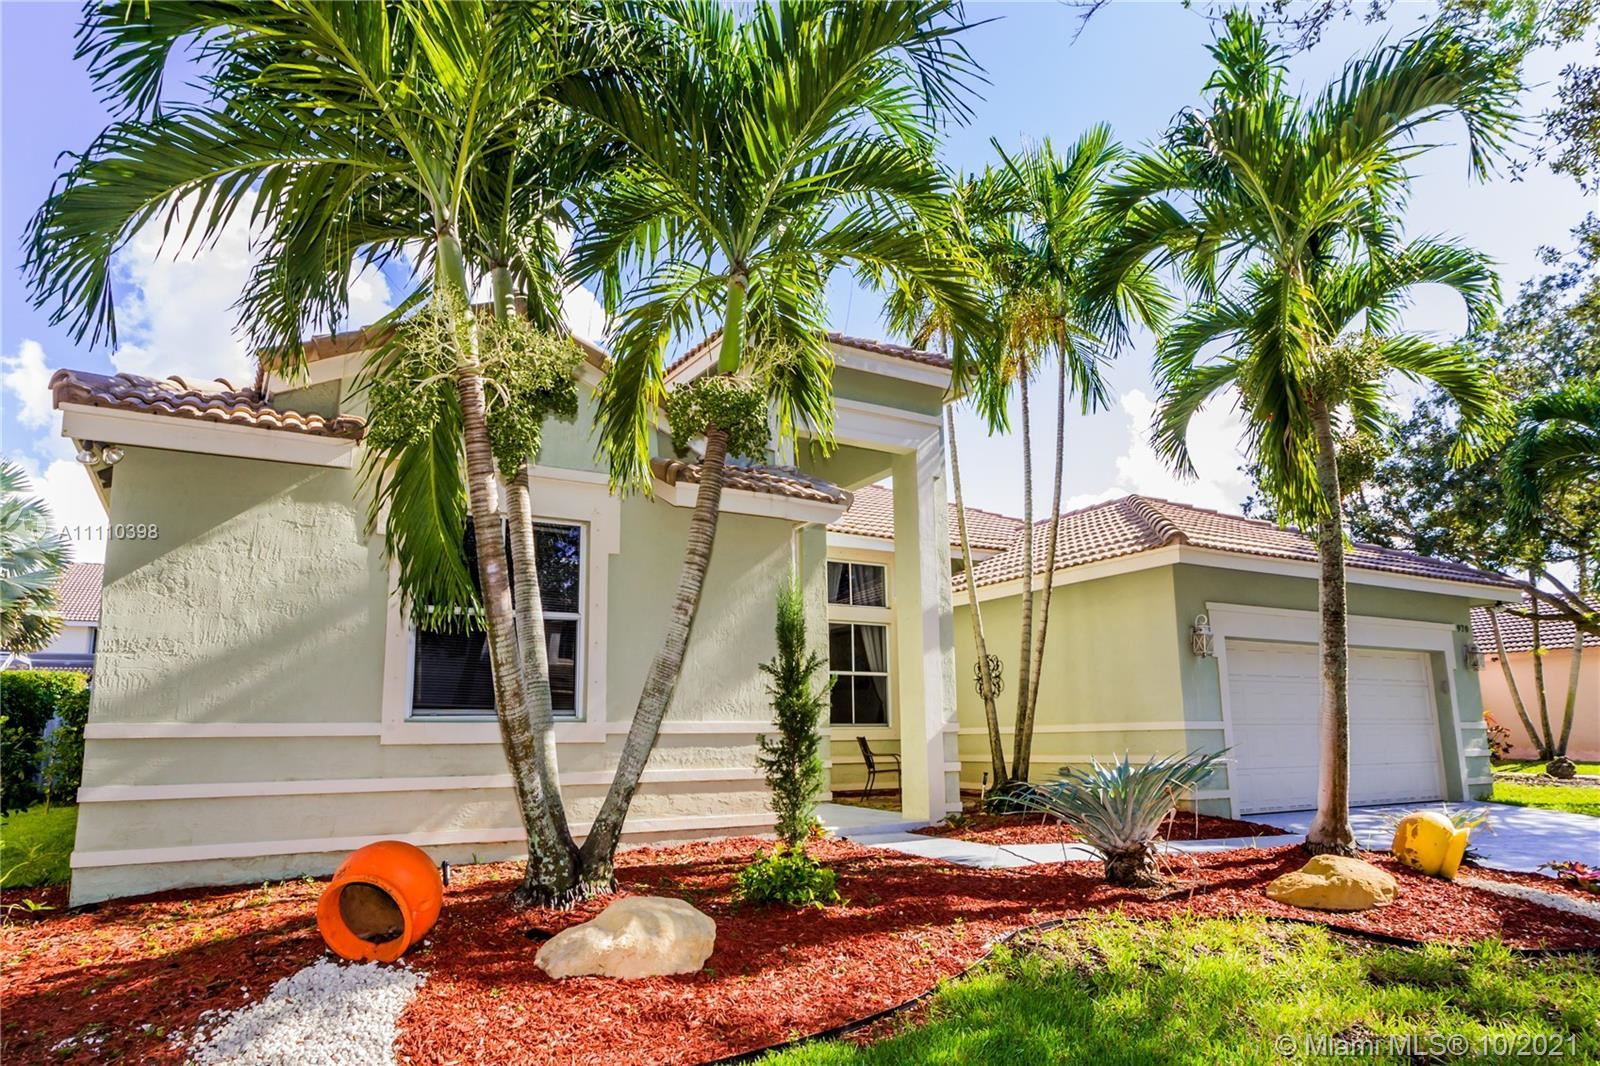 970 Greenwood Rd, Weston, FL 33327 - #: A11110398